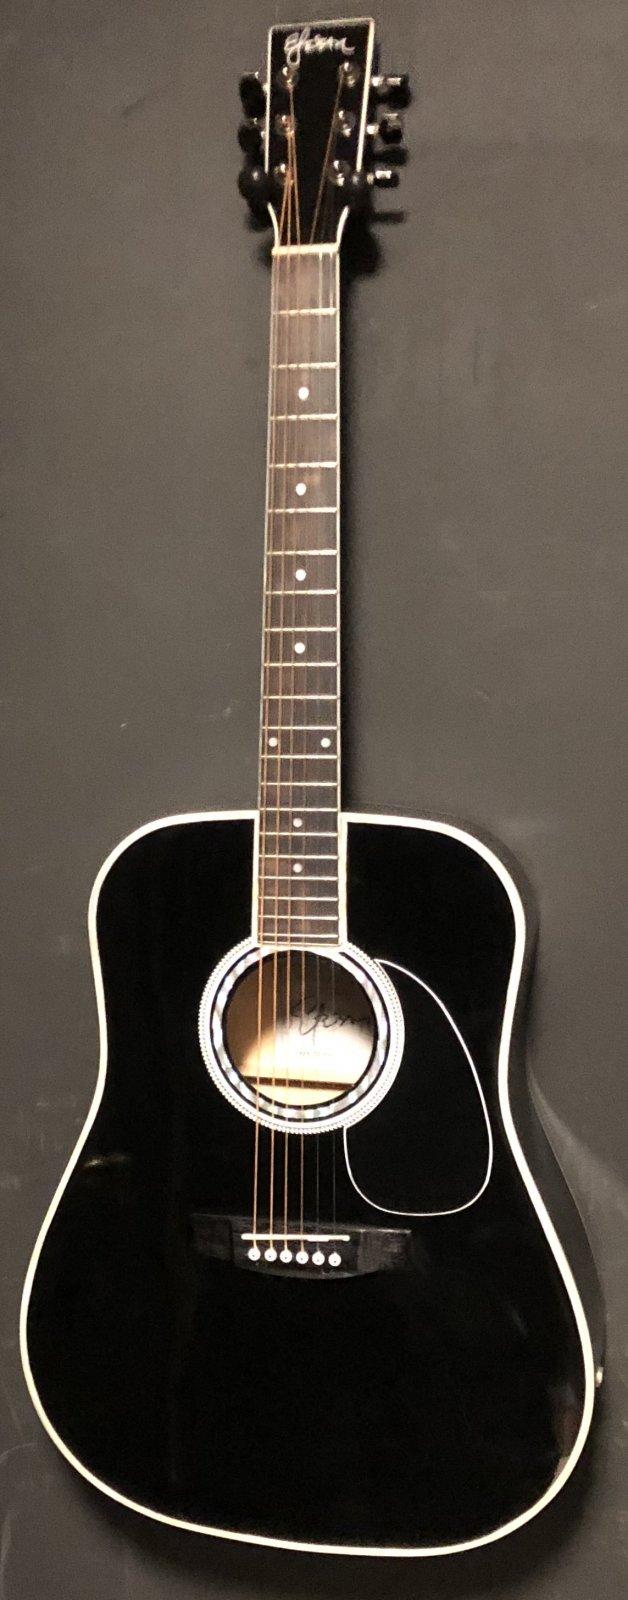 Esteban Black Mist Limited Edition Electric Acoustic